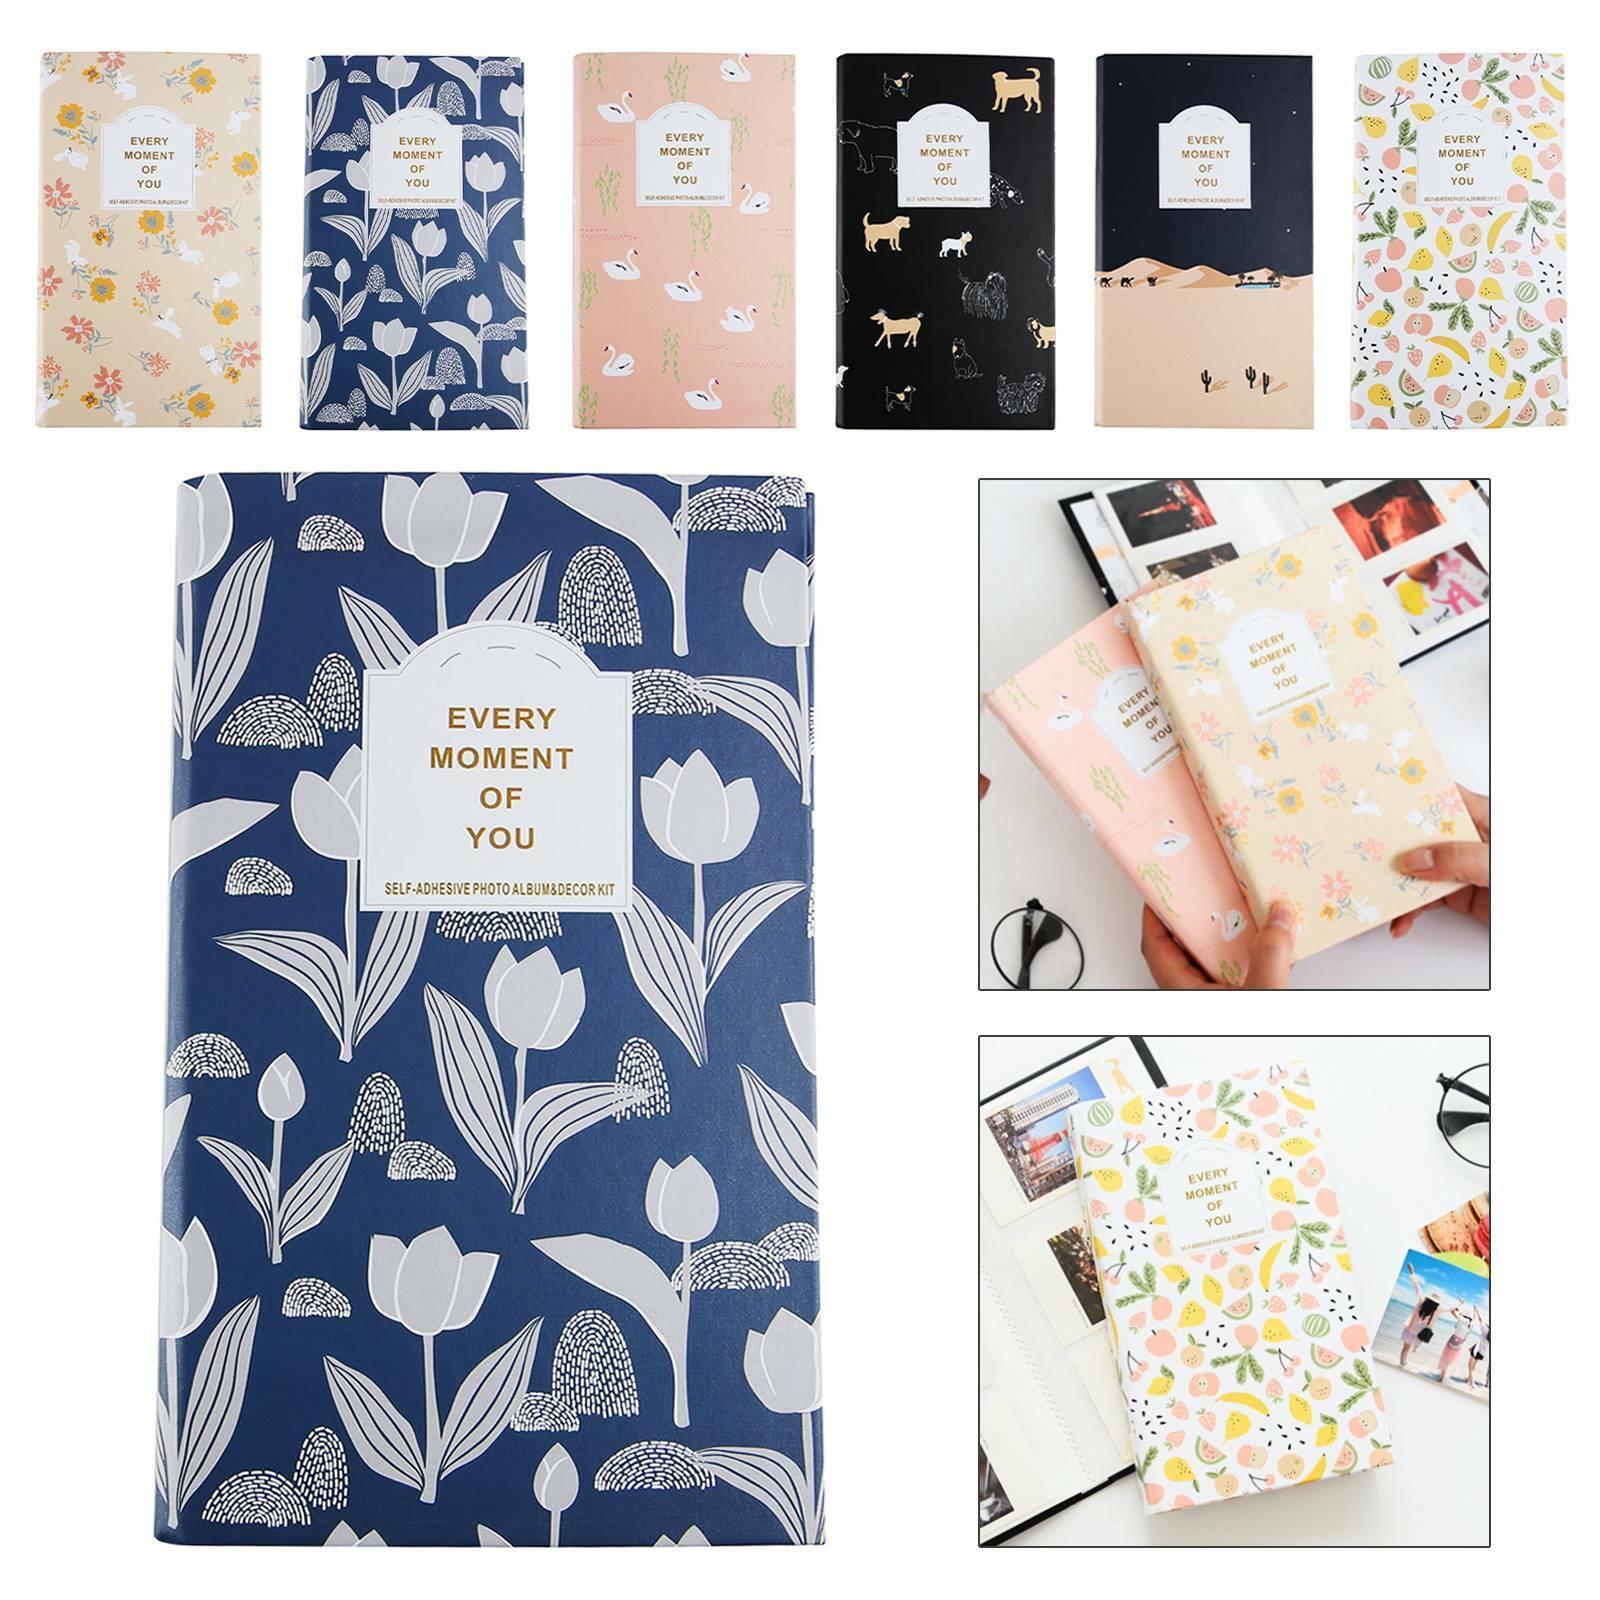 84 Pockets Mini Starry Sky Album Storage For Polaroid Photo FujiFilm Instax new